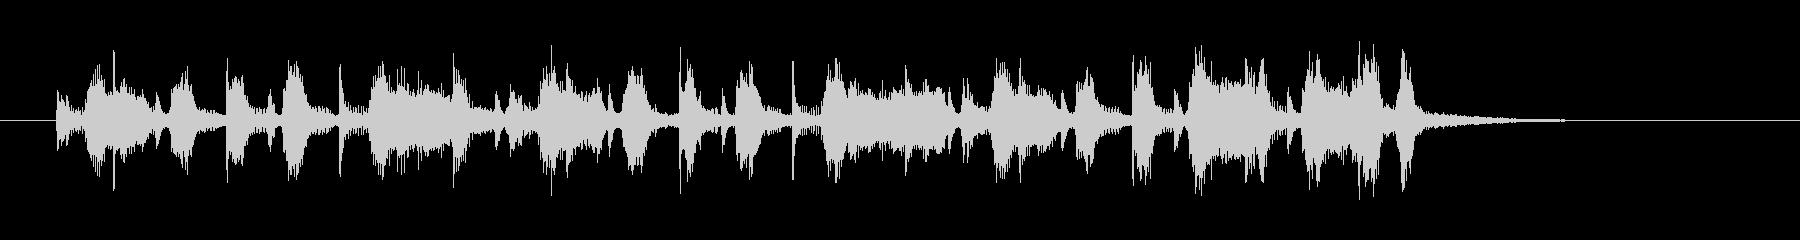 大人なミディアムテンポのジャズのジングルの未再生の波形